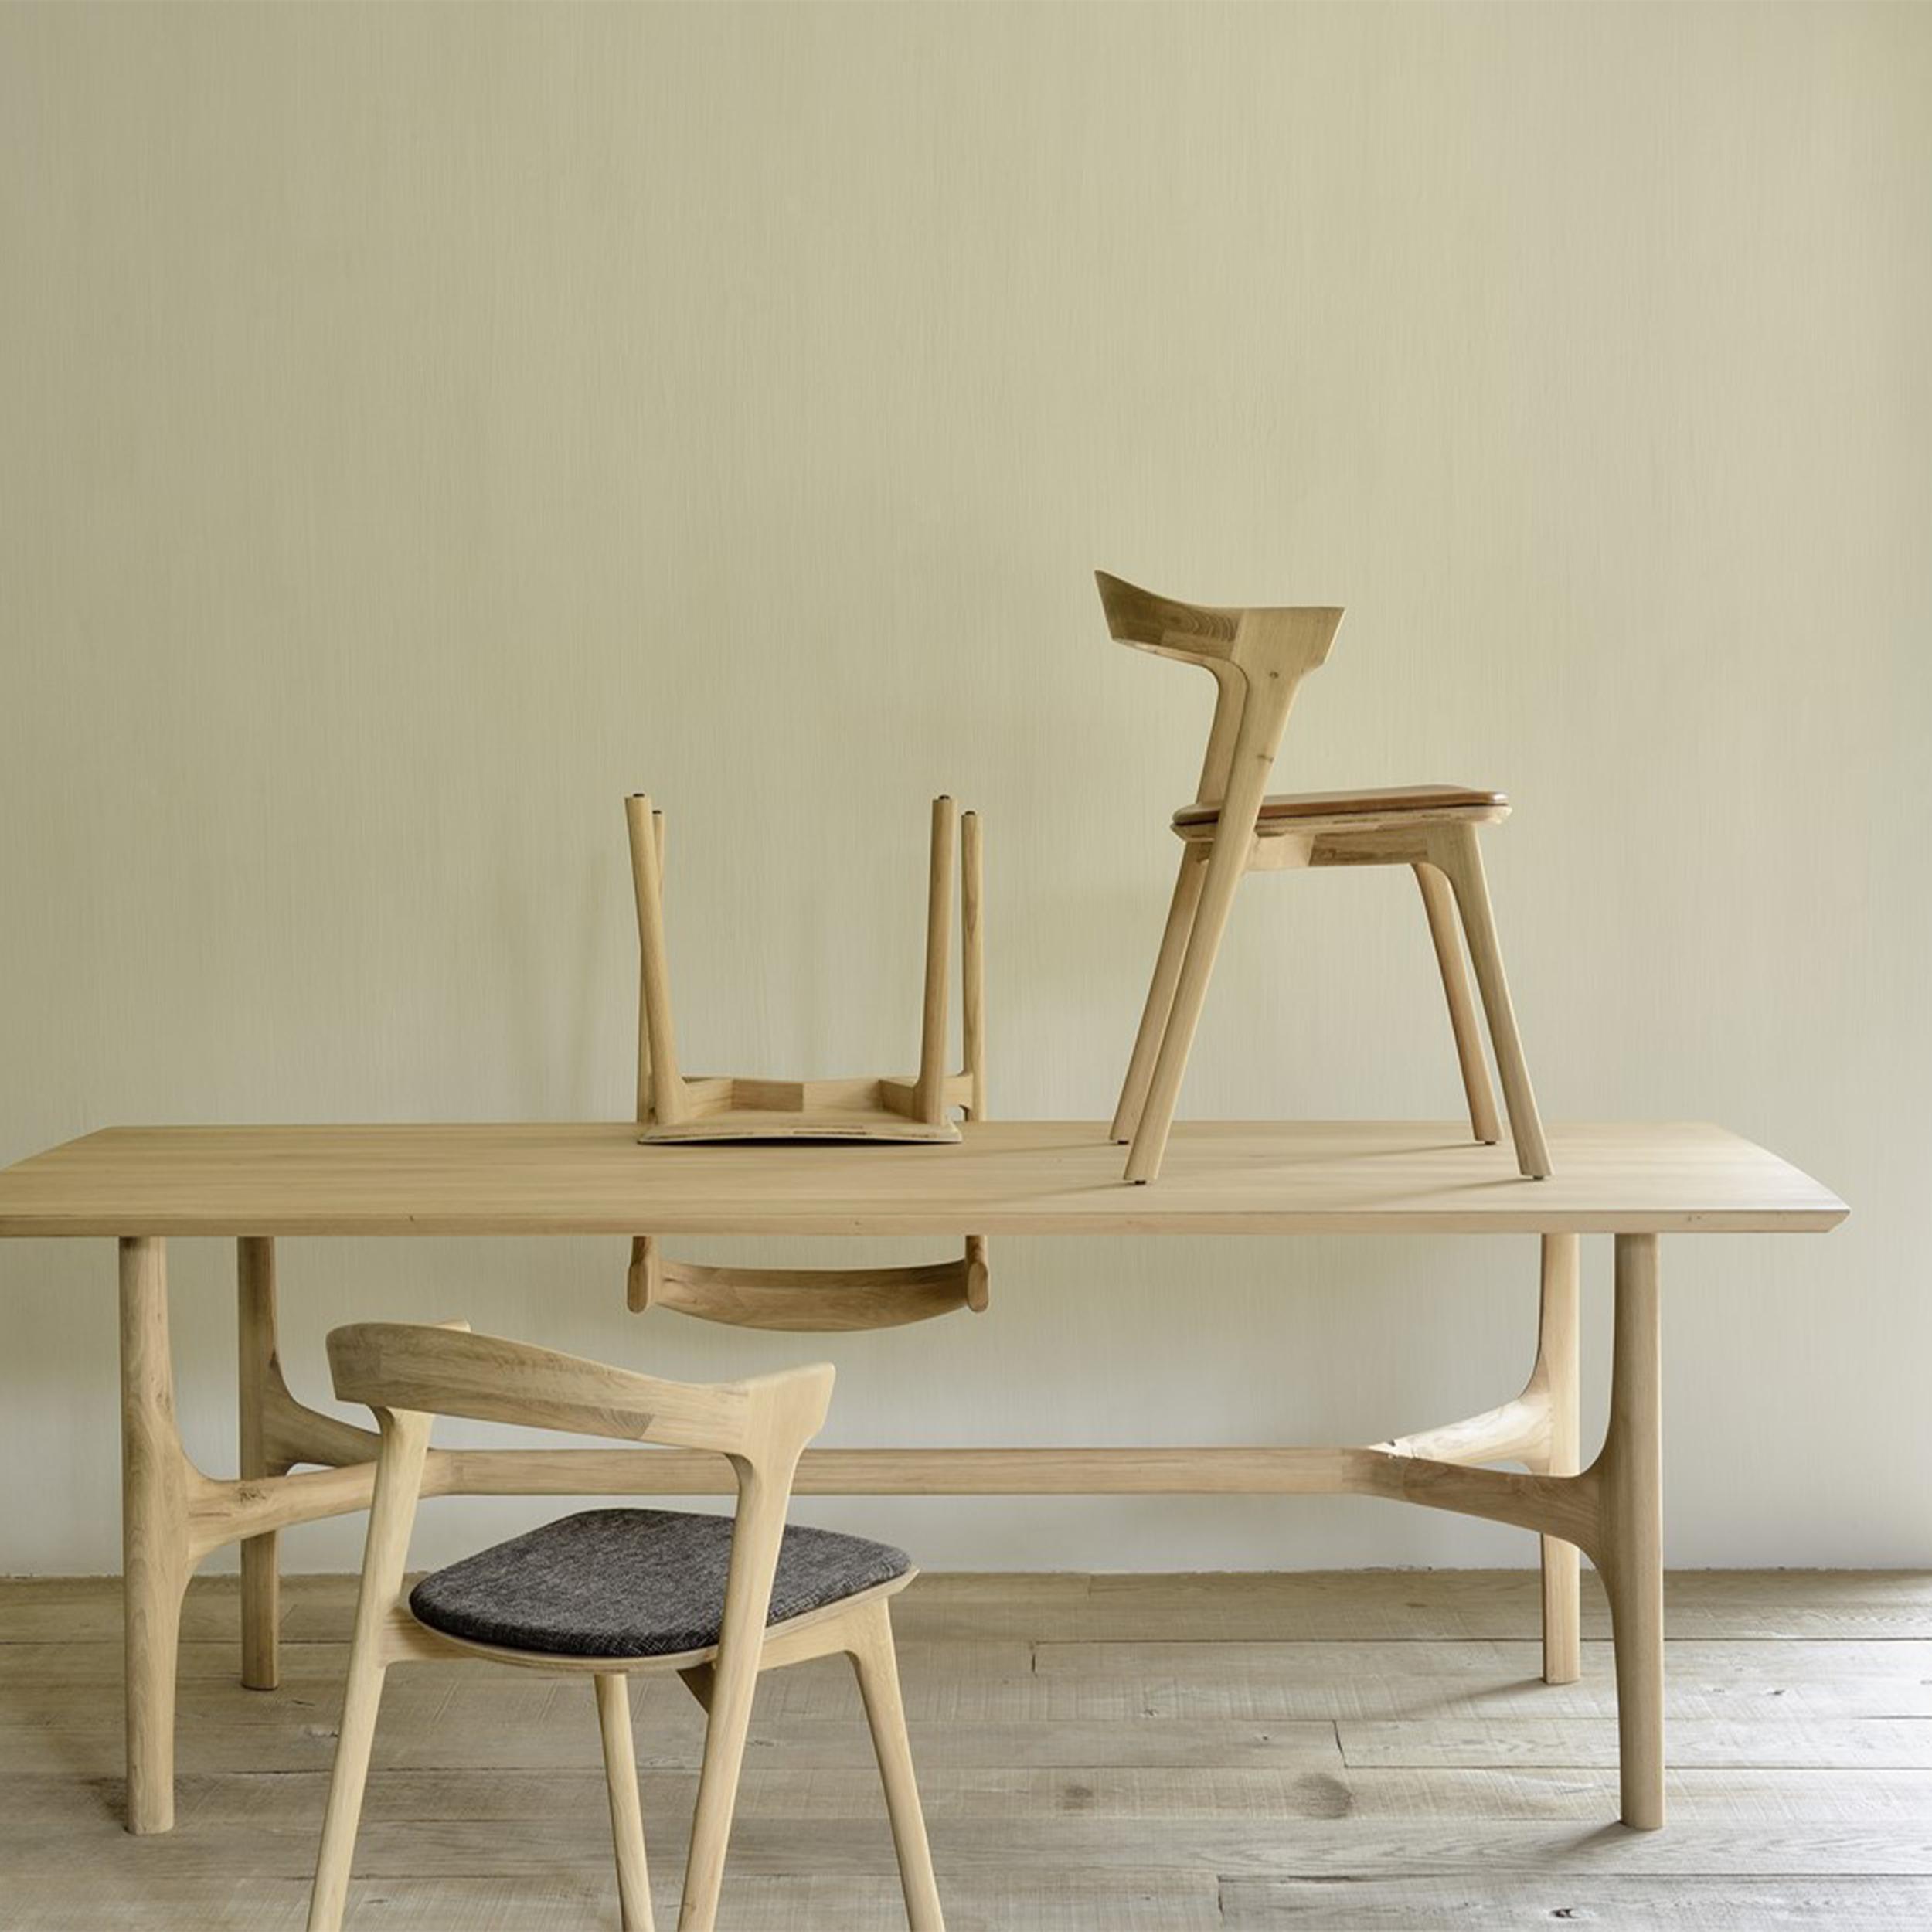 50128-Nexus-dining-table-oak-51489-Bok-dining-chair-dark-brown-upholstery-3.jpg.png